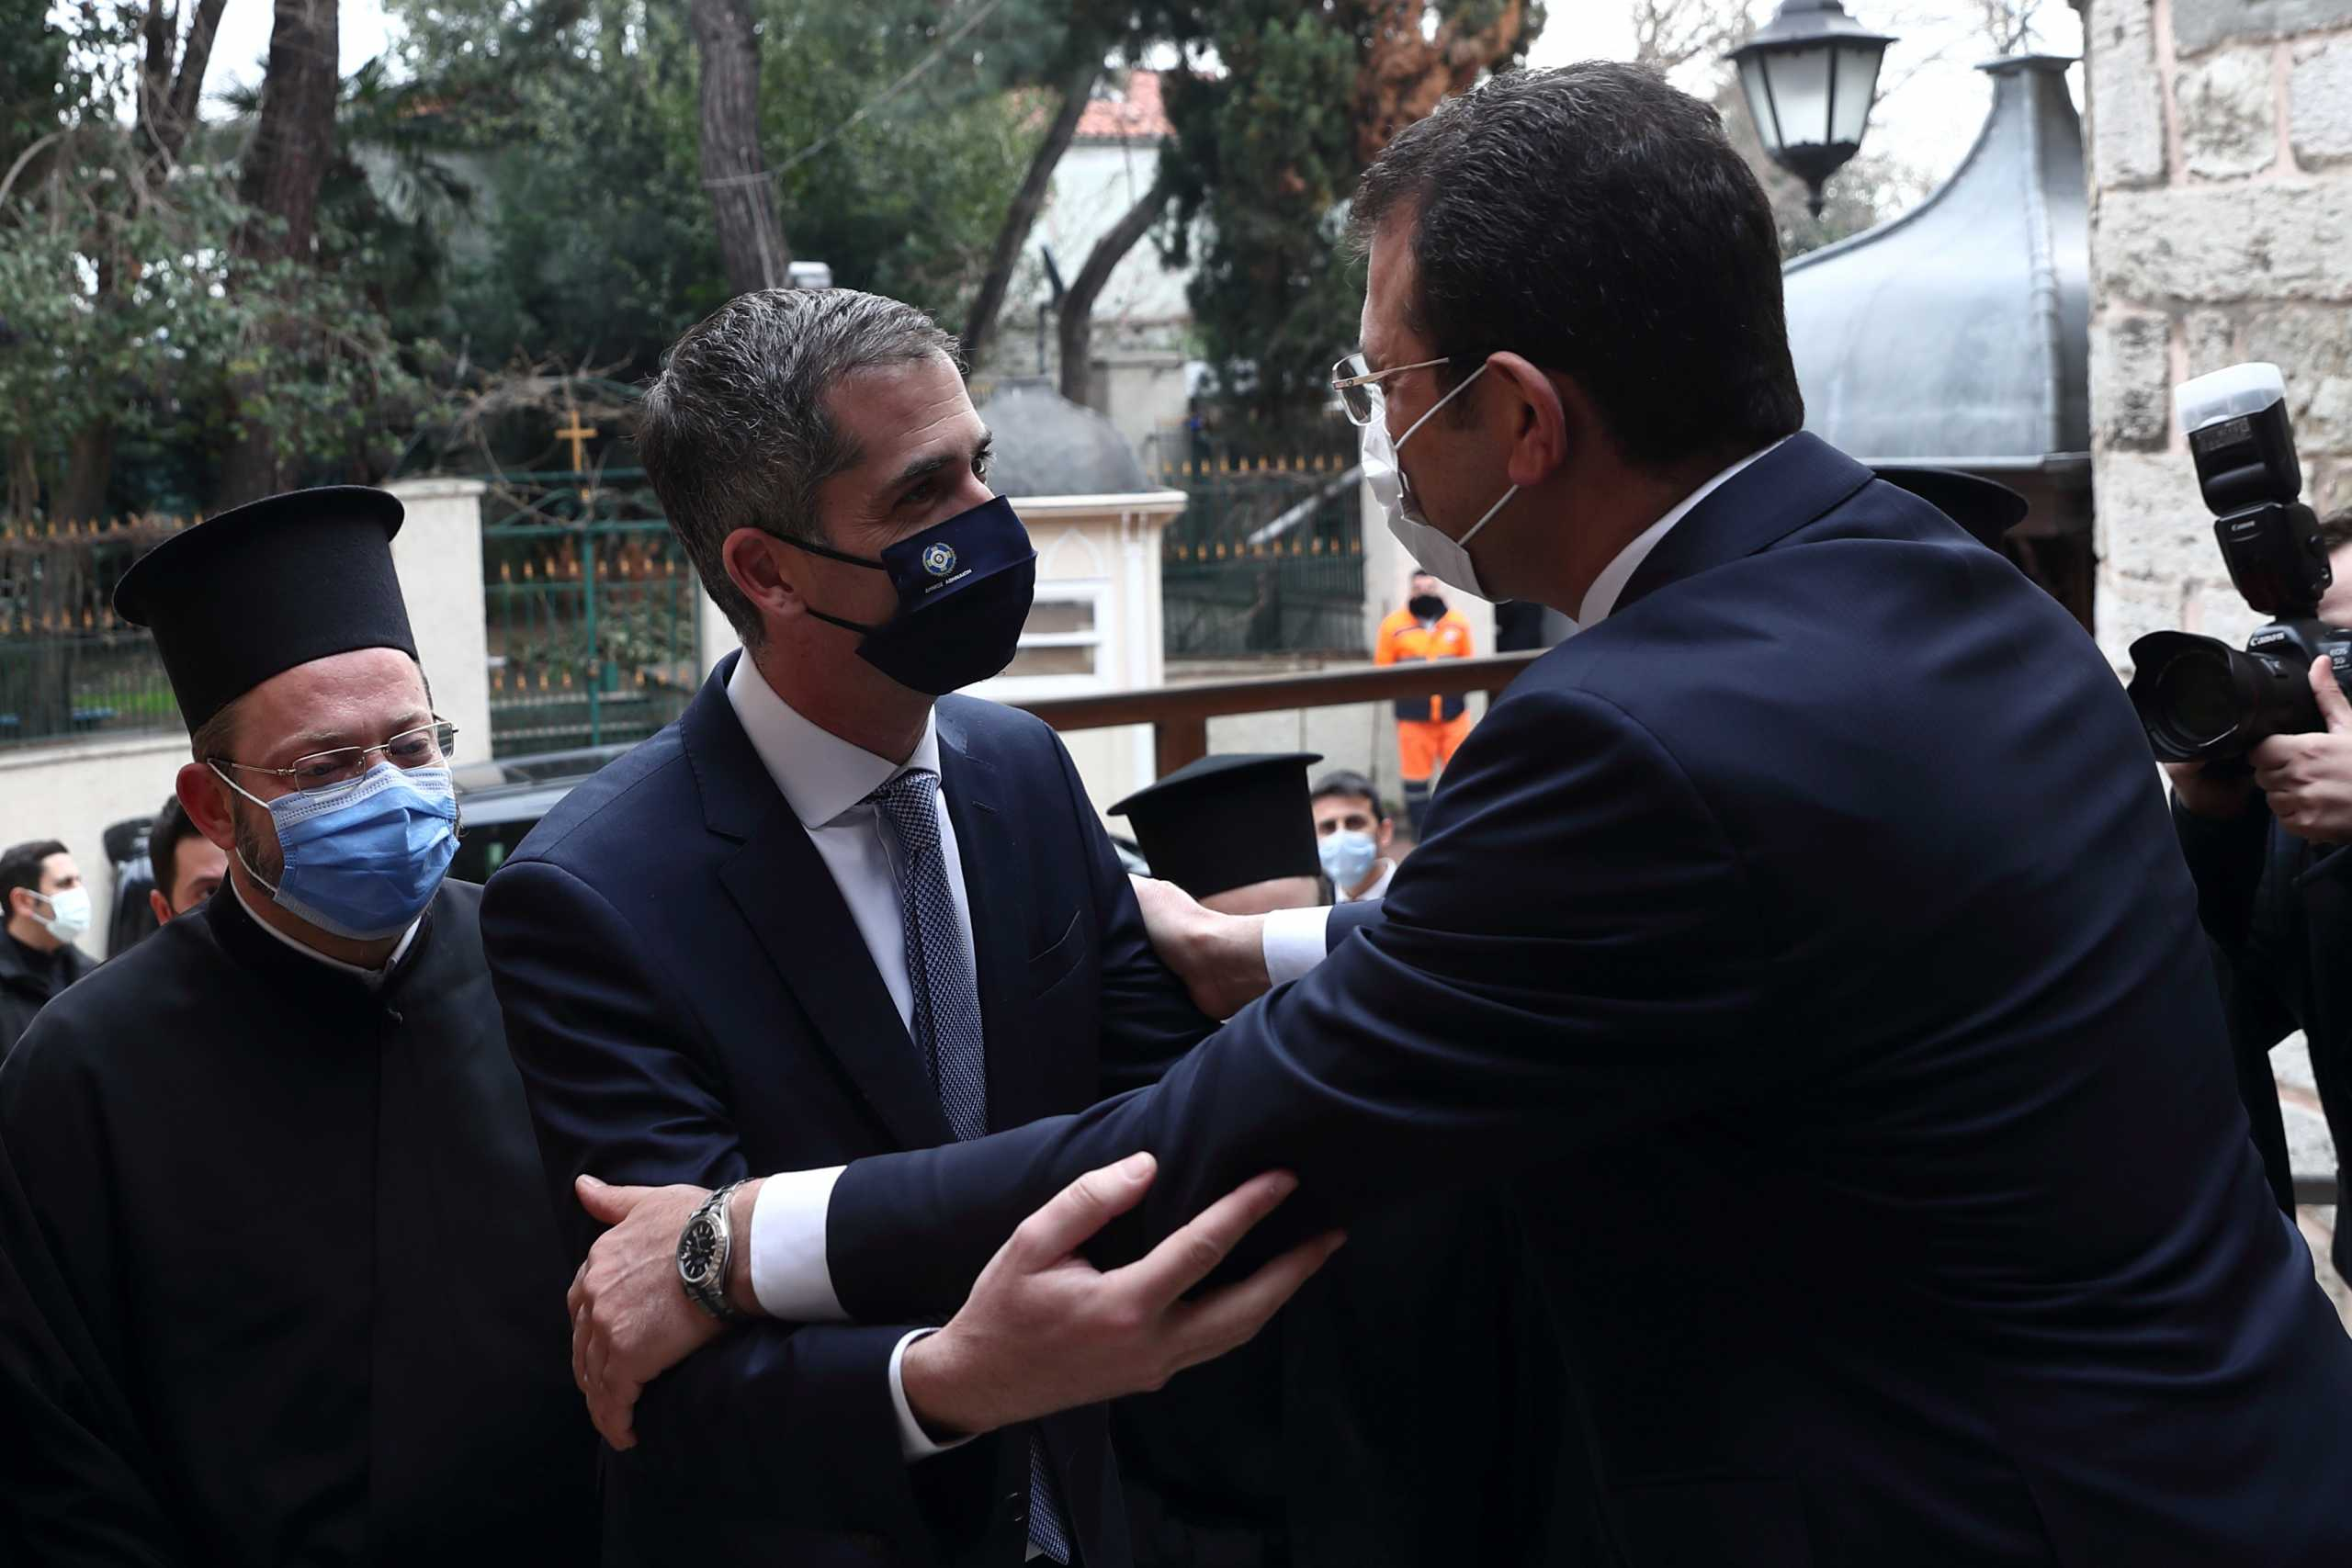 «Να χτίσουμε μια γέφυρα ειρήνης Αθήνας – Κωνσταντινούπολης» – Στο Οικουμενικό Πατριαρχείο οι δύο δήμαρχοι Μπακογιάννης και Ιμάμογλου (pics)